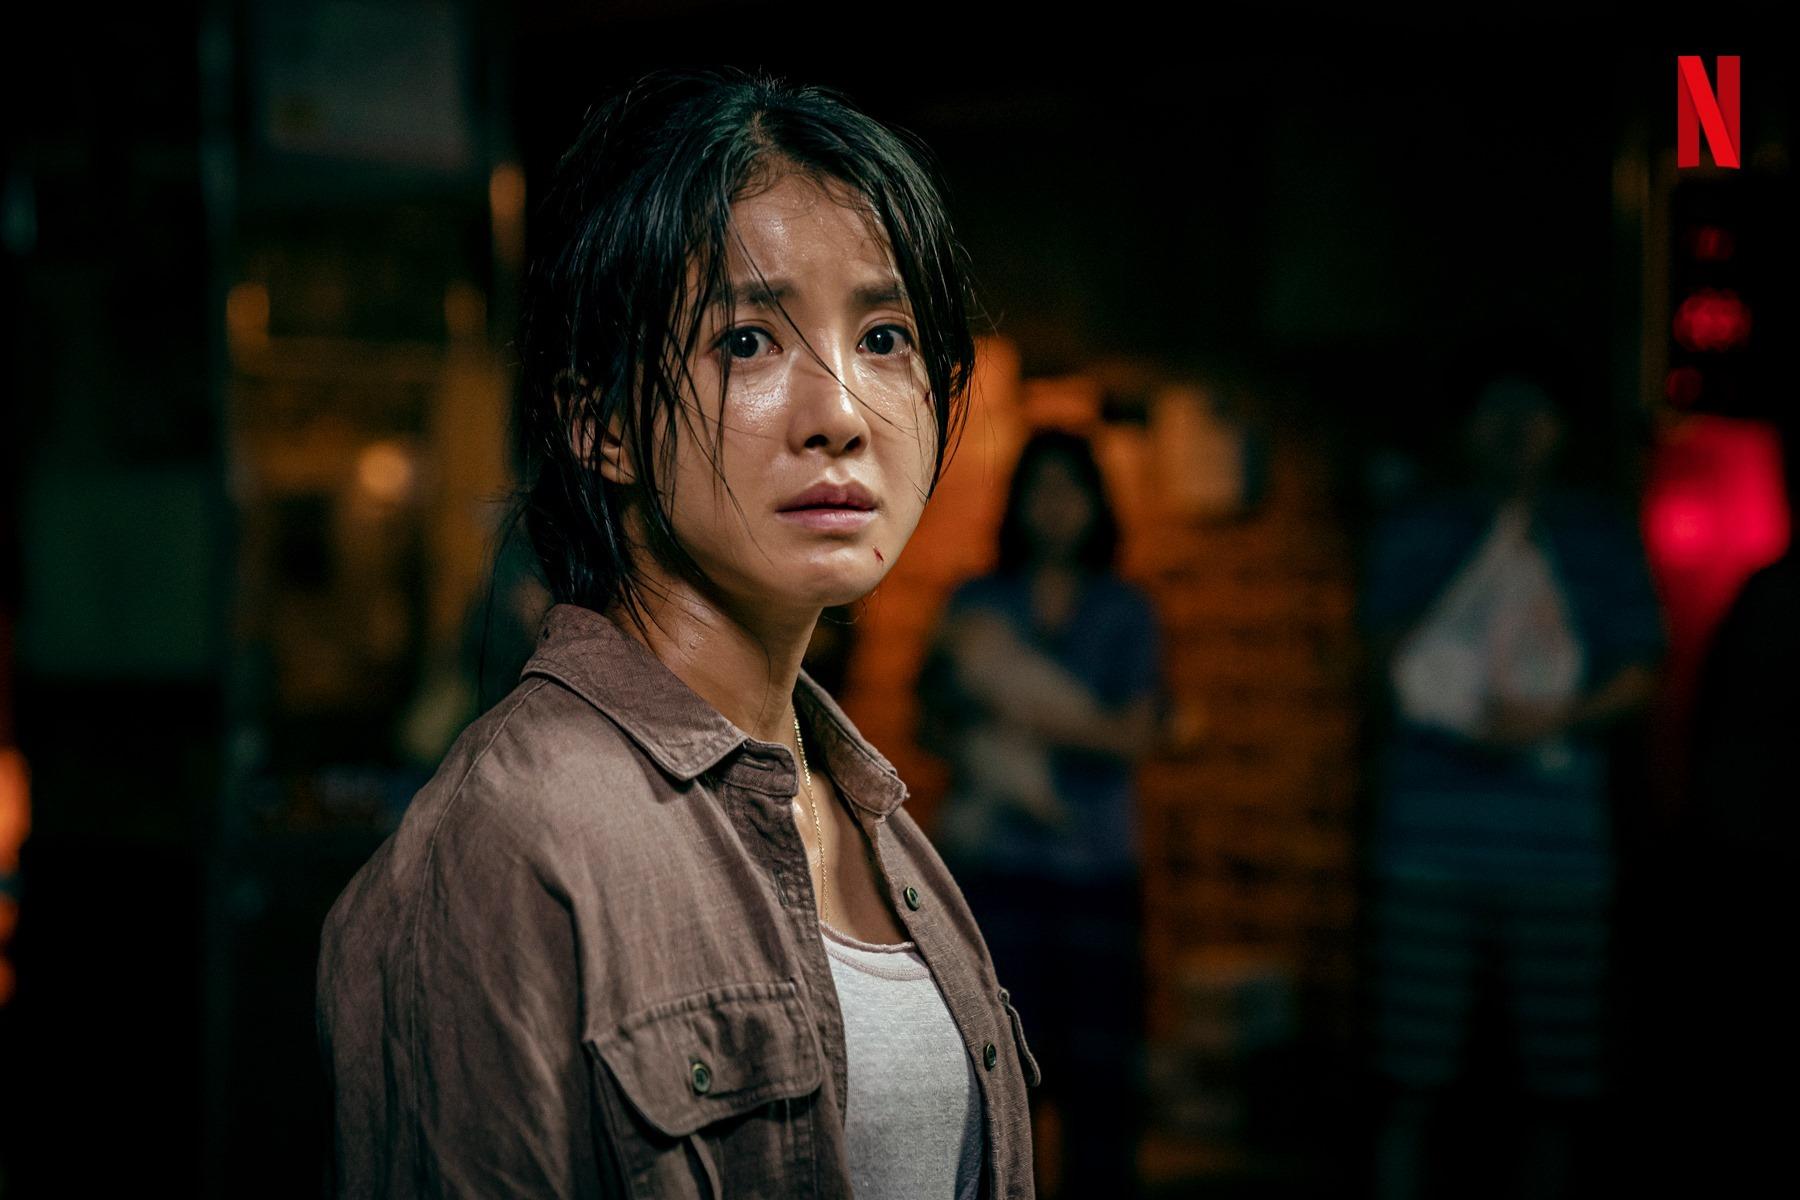 背肌还可以长这样?韩剧《甜蜜家园》演员身材引热议,38岁的她还曾是拳击冠军插图2